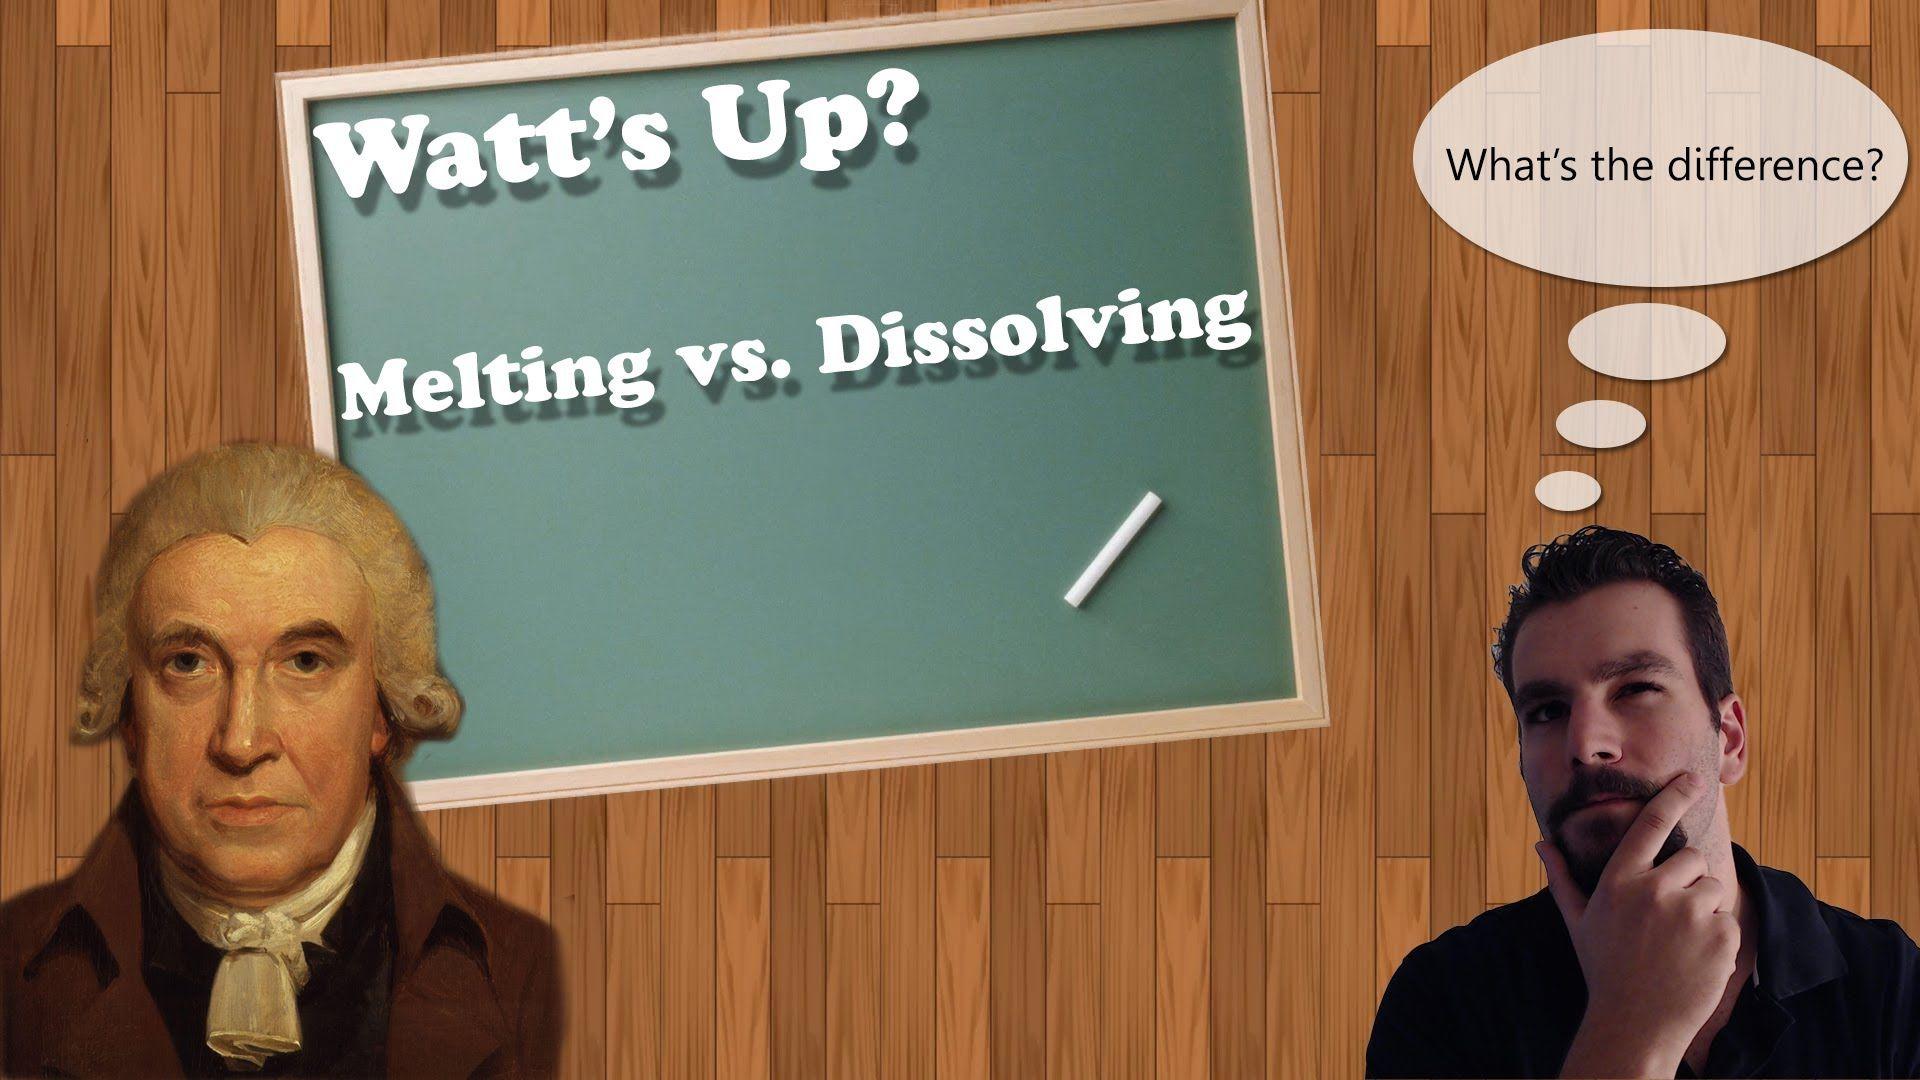 Melting Vs Dissolving